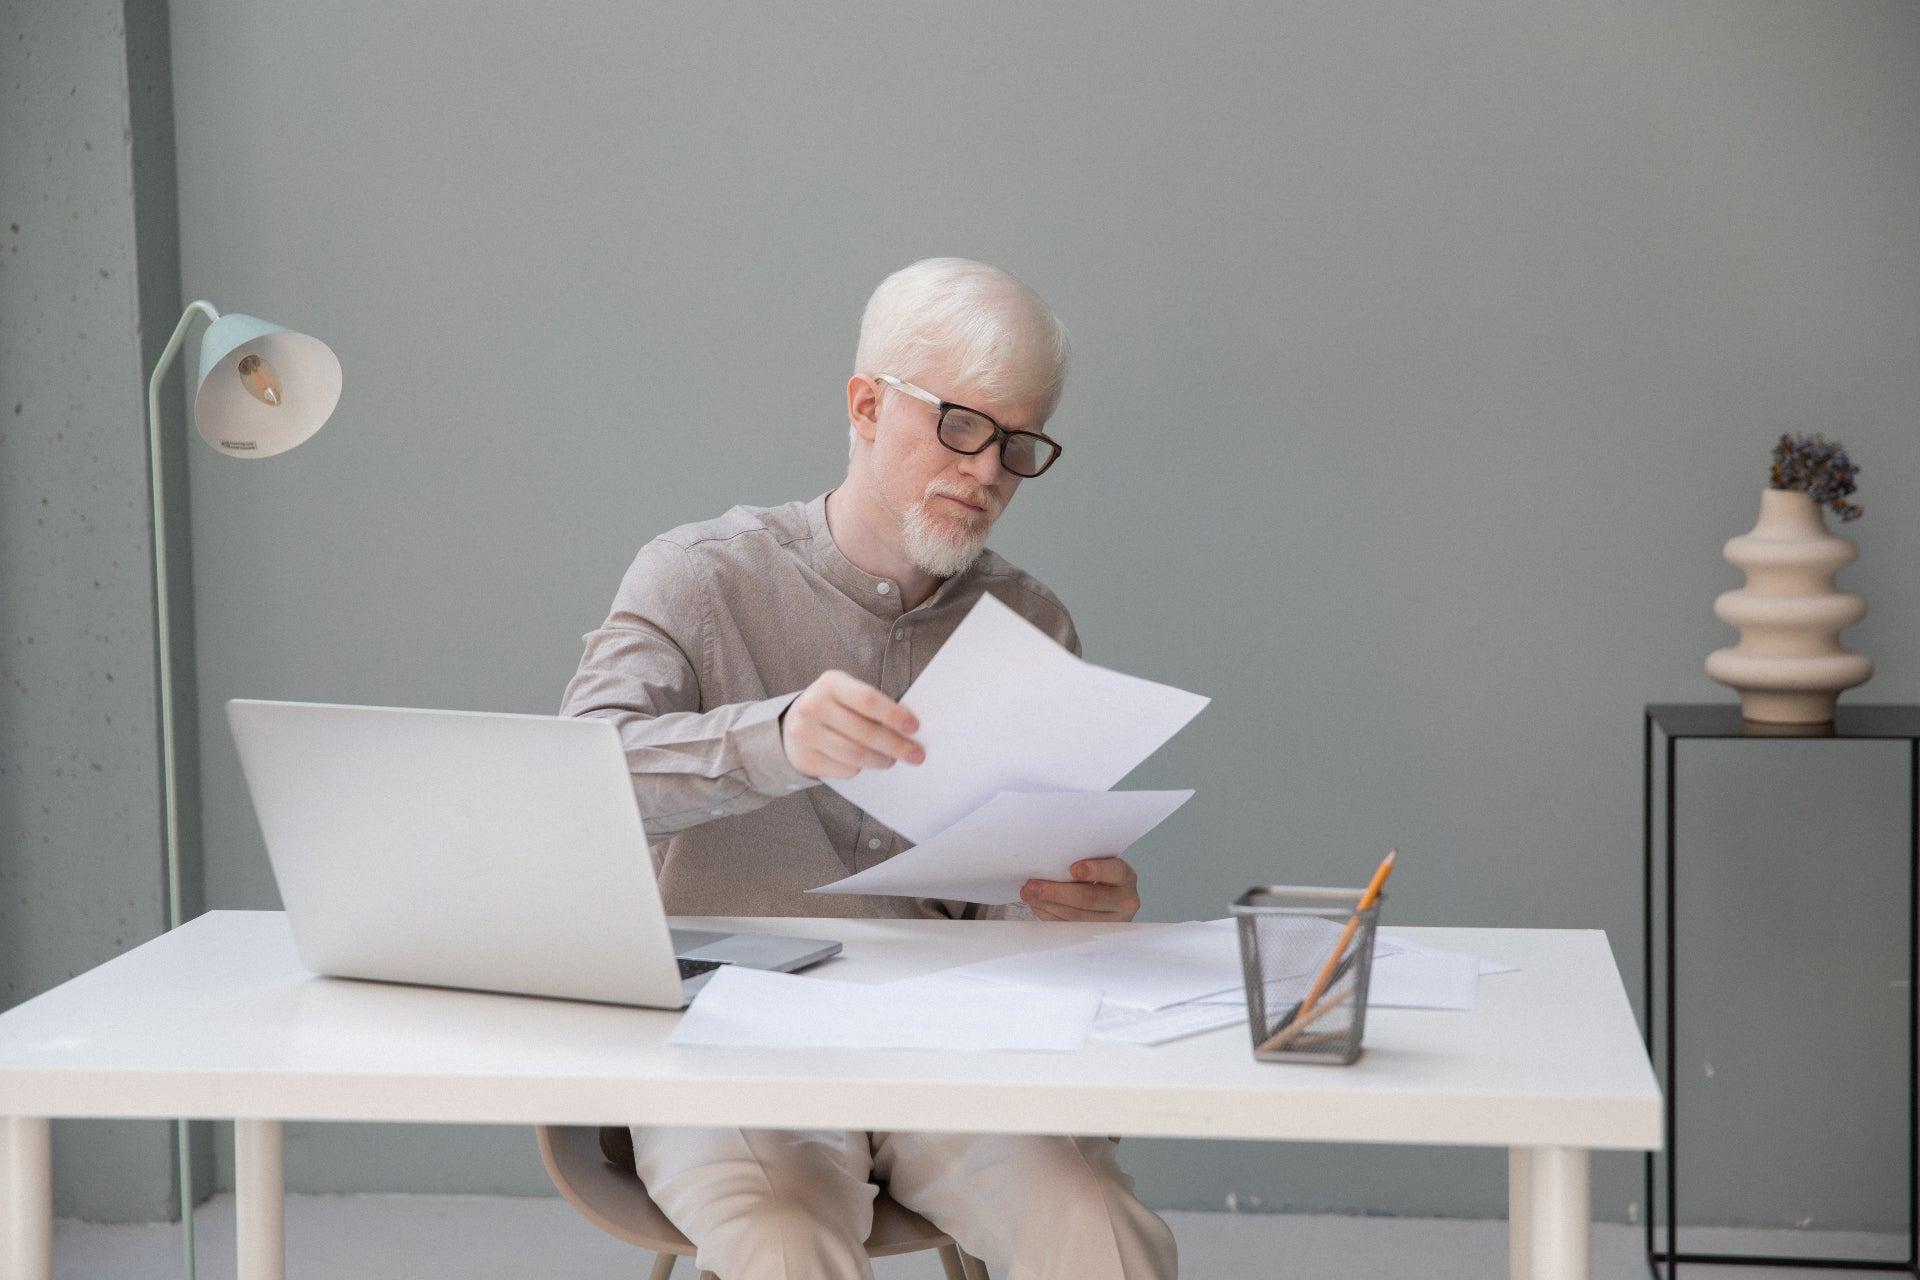 Un hombre de cabello blanco y barba blanca se sienta en un escritorio blanco con una computadora portátil y mira varios trozos de papel.